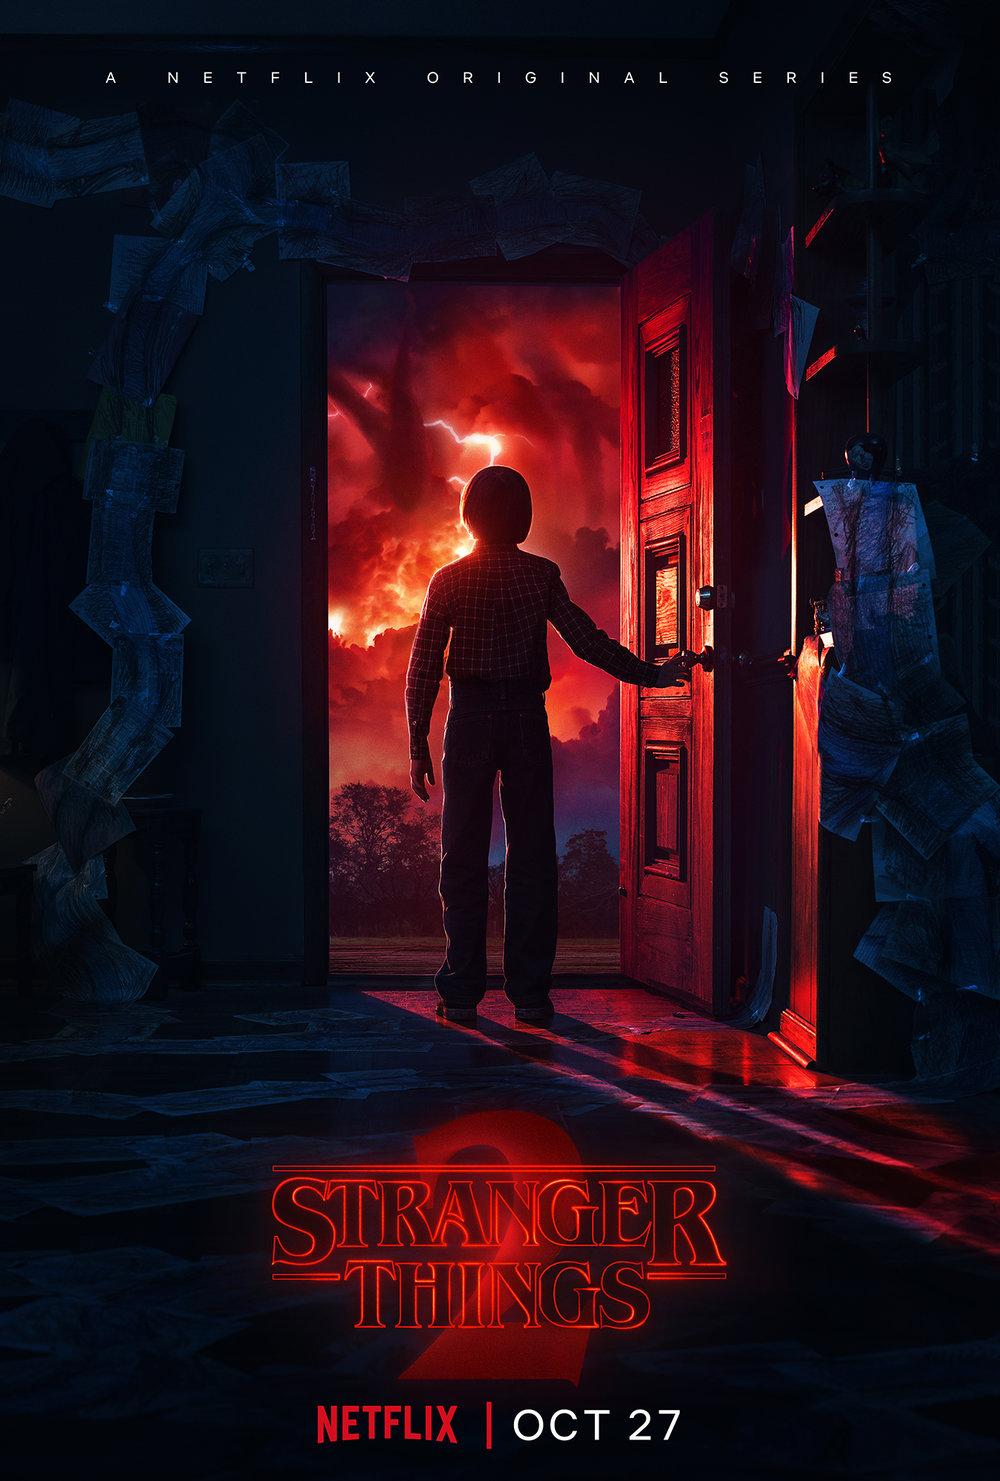 StrangerThingsS2_Doorway_KA_100dpi.jpg